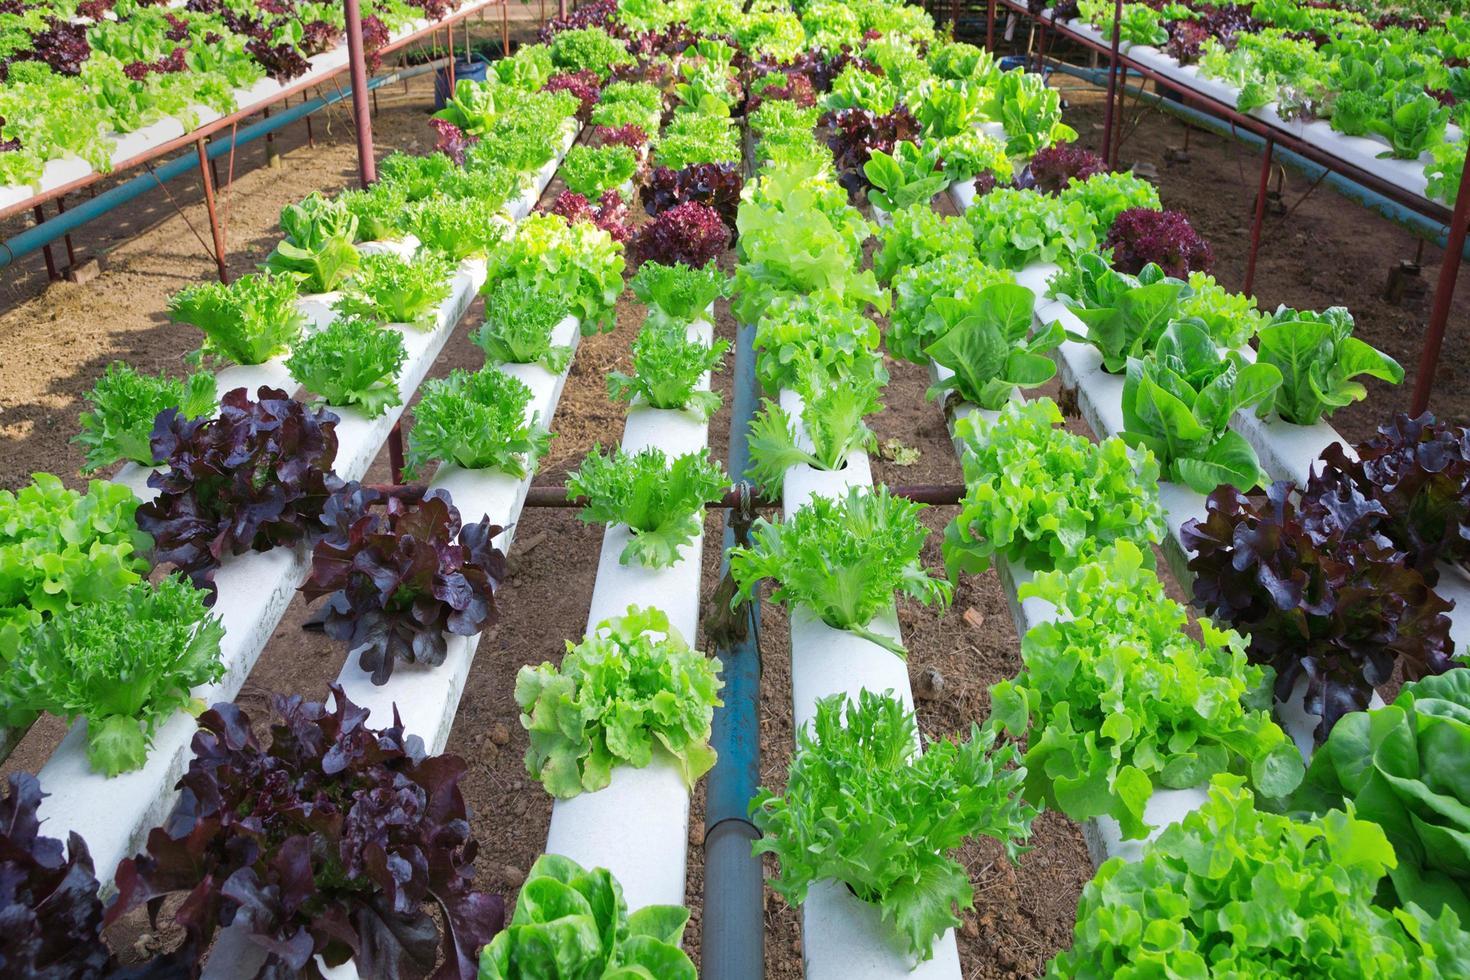 veld met rijen kropsla, kleurrijke volwassen klaar voor de oogst. foto